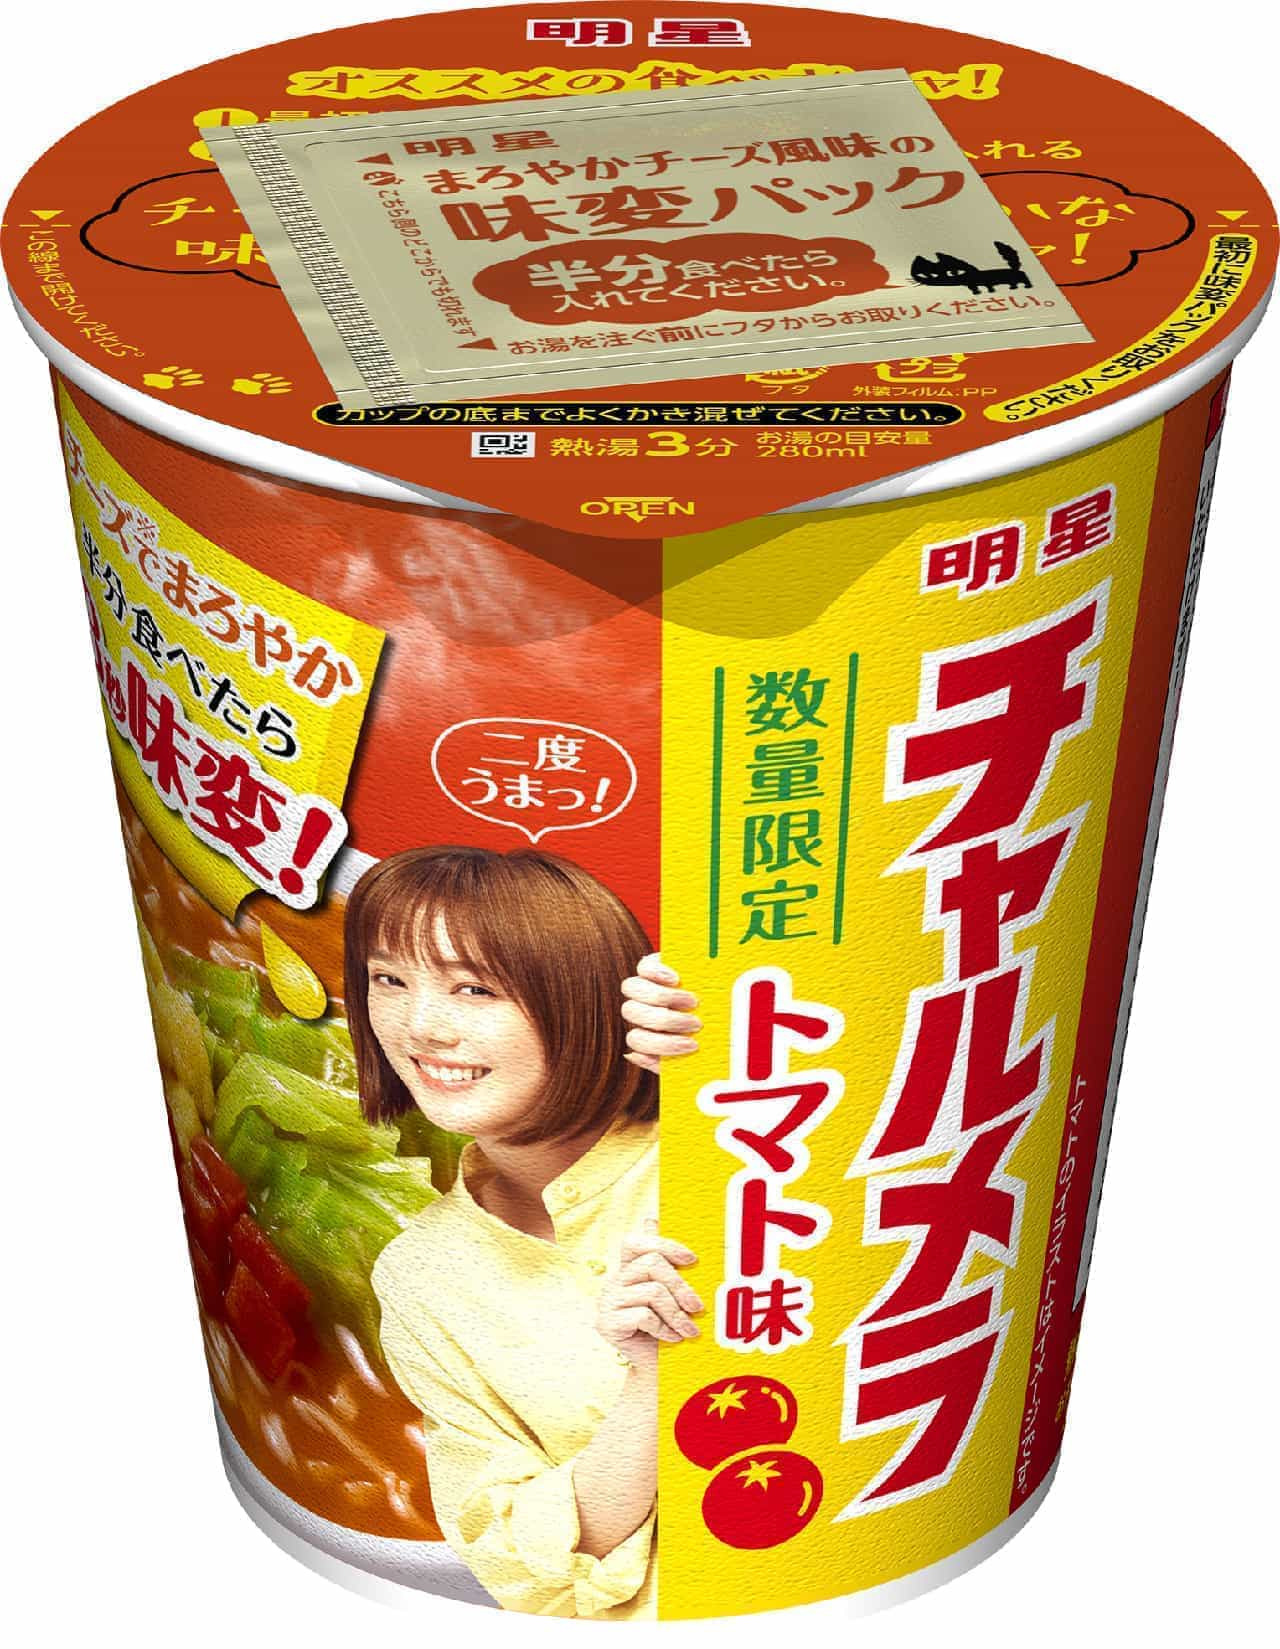 明星食品「明星 チャルメラカップ トマト味」